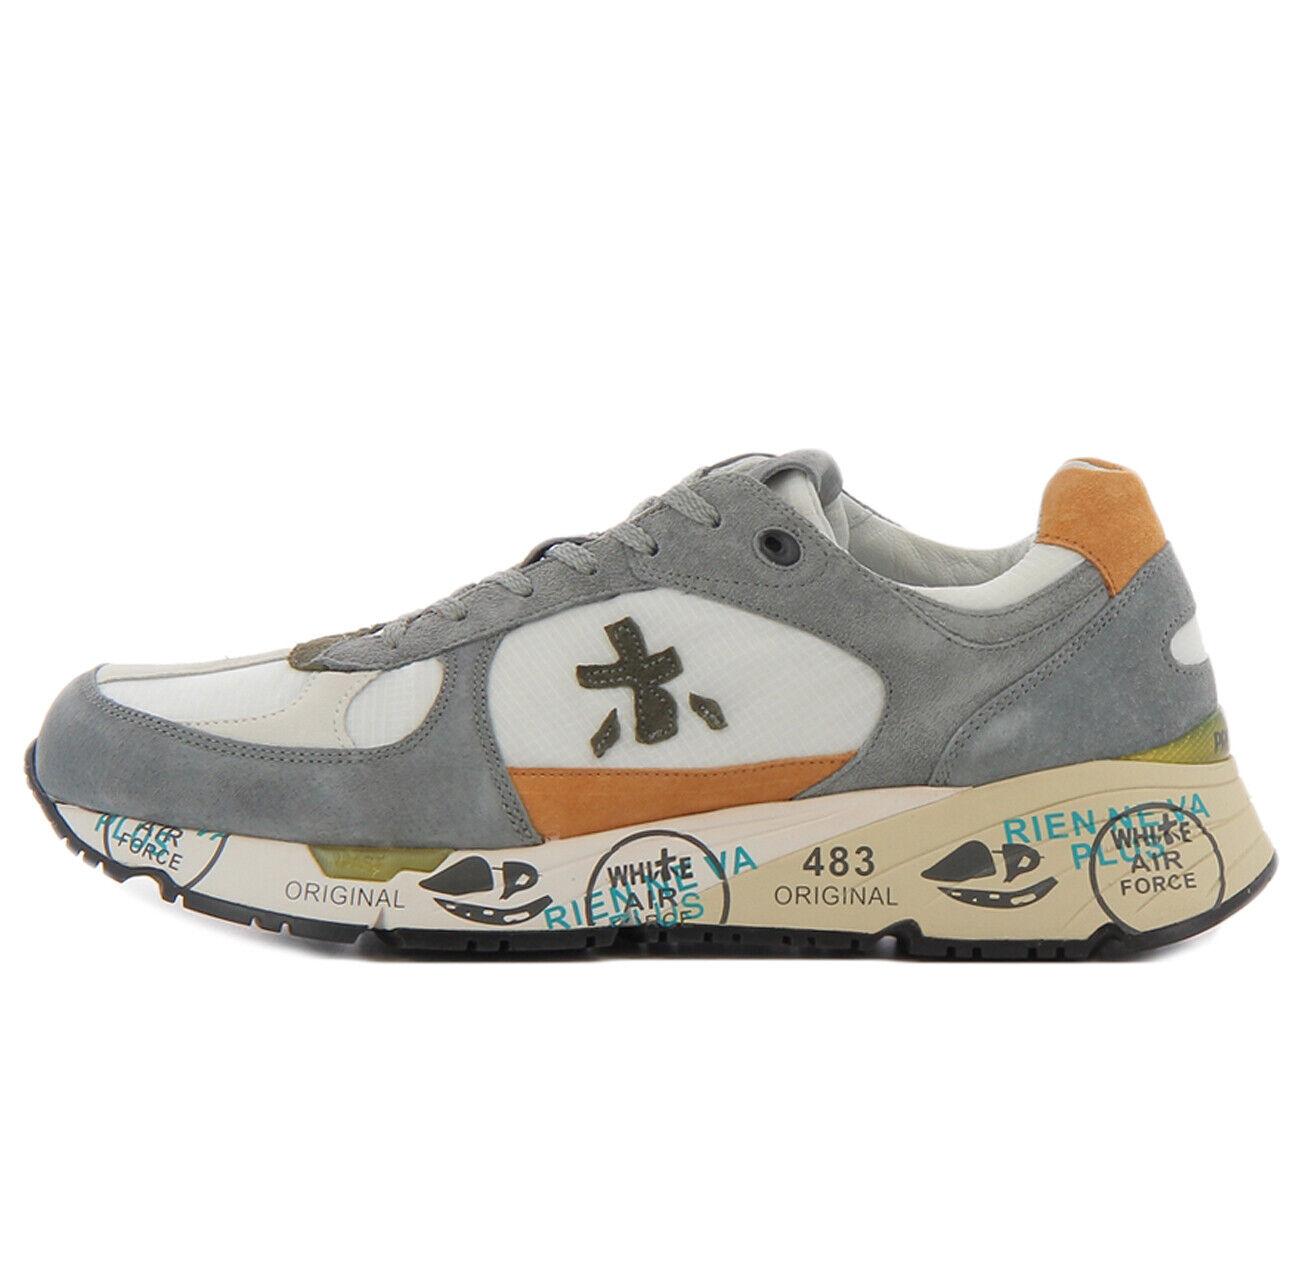 grigi dettagli con 3883 MASE bianca ginnastica da scarpe